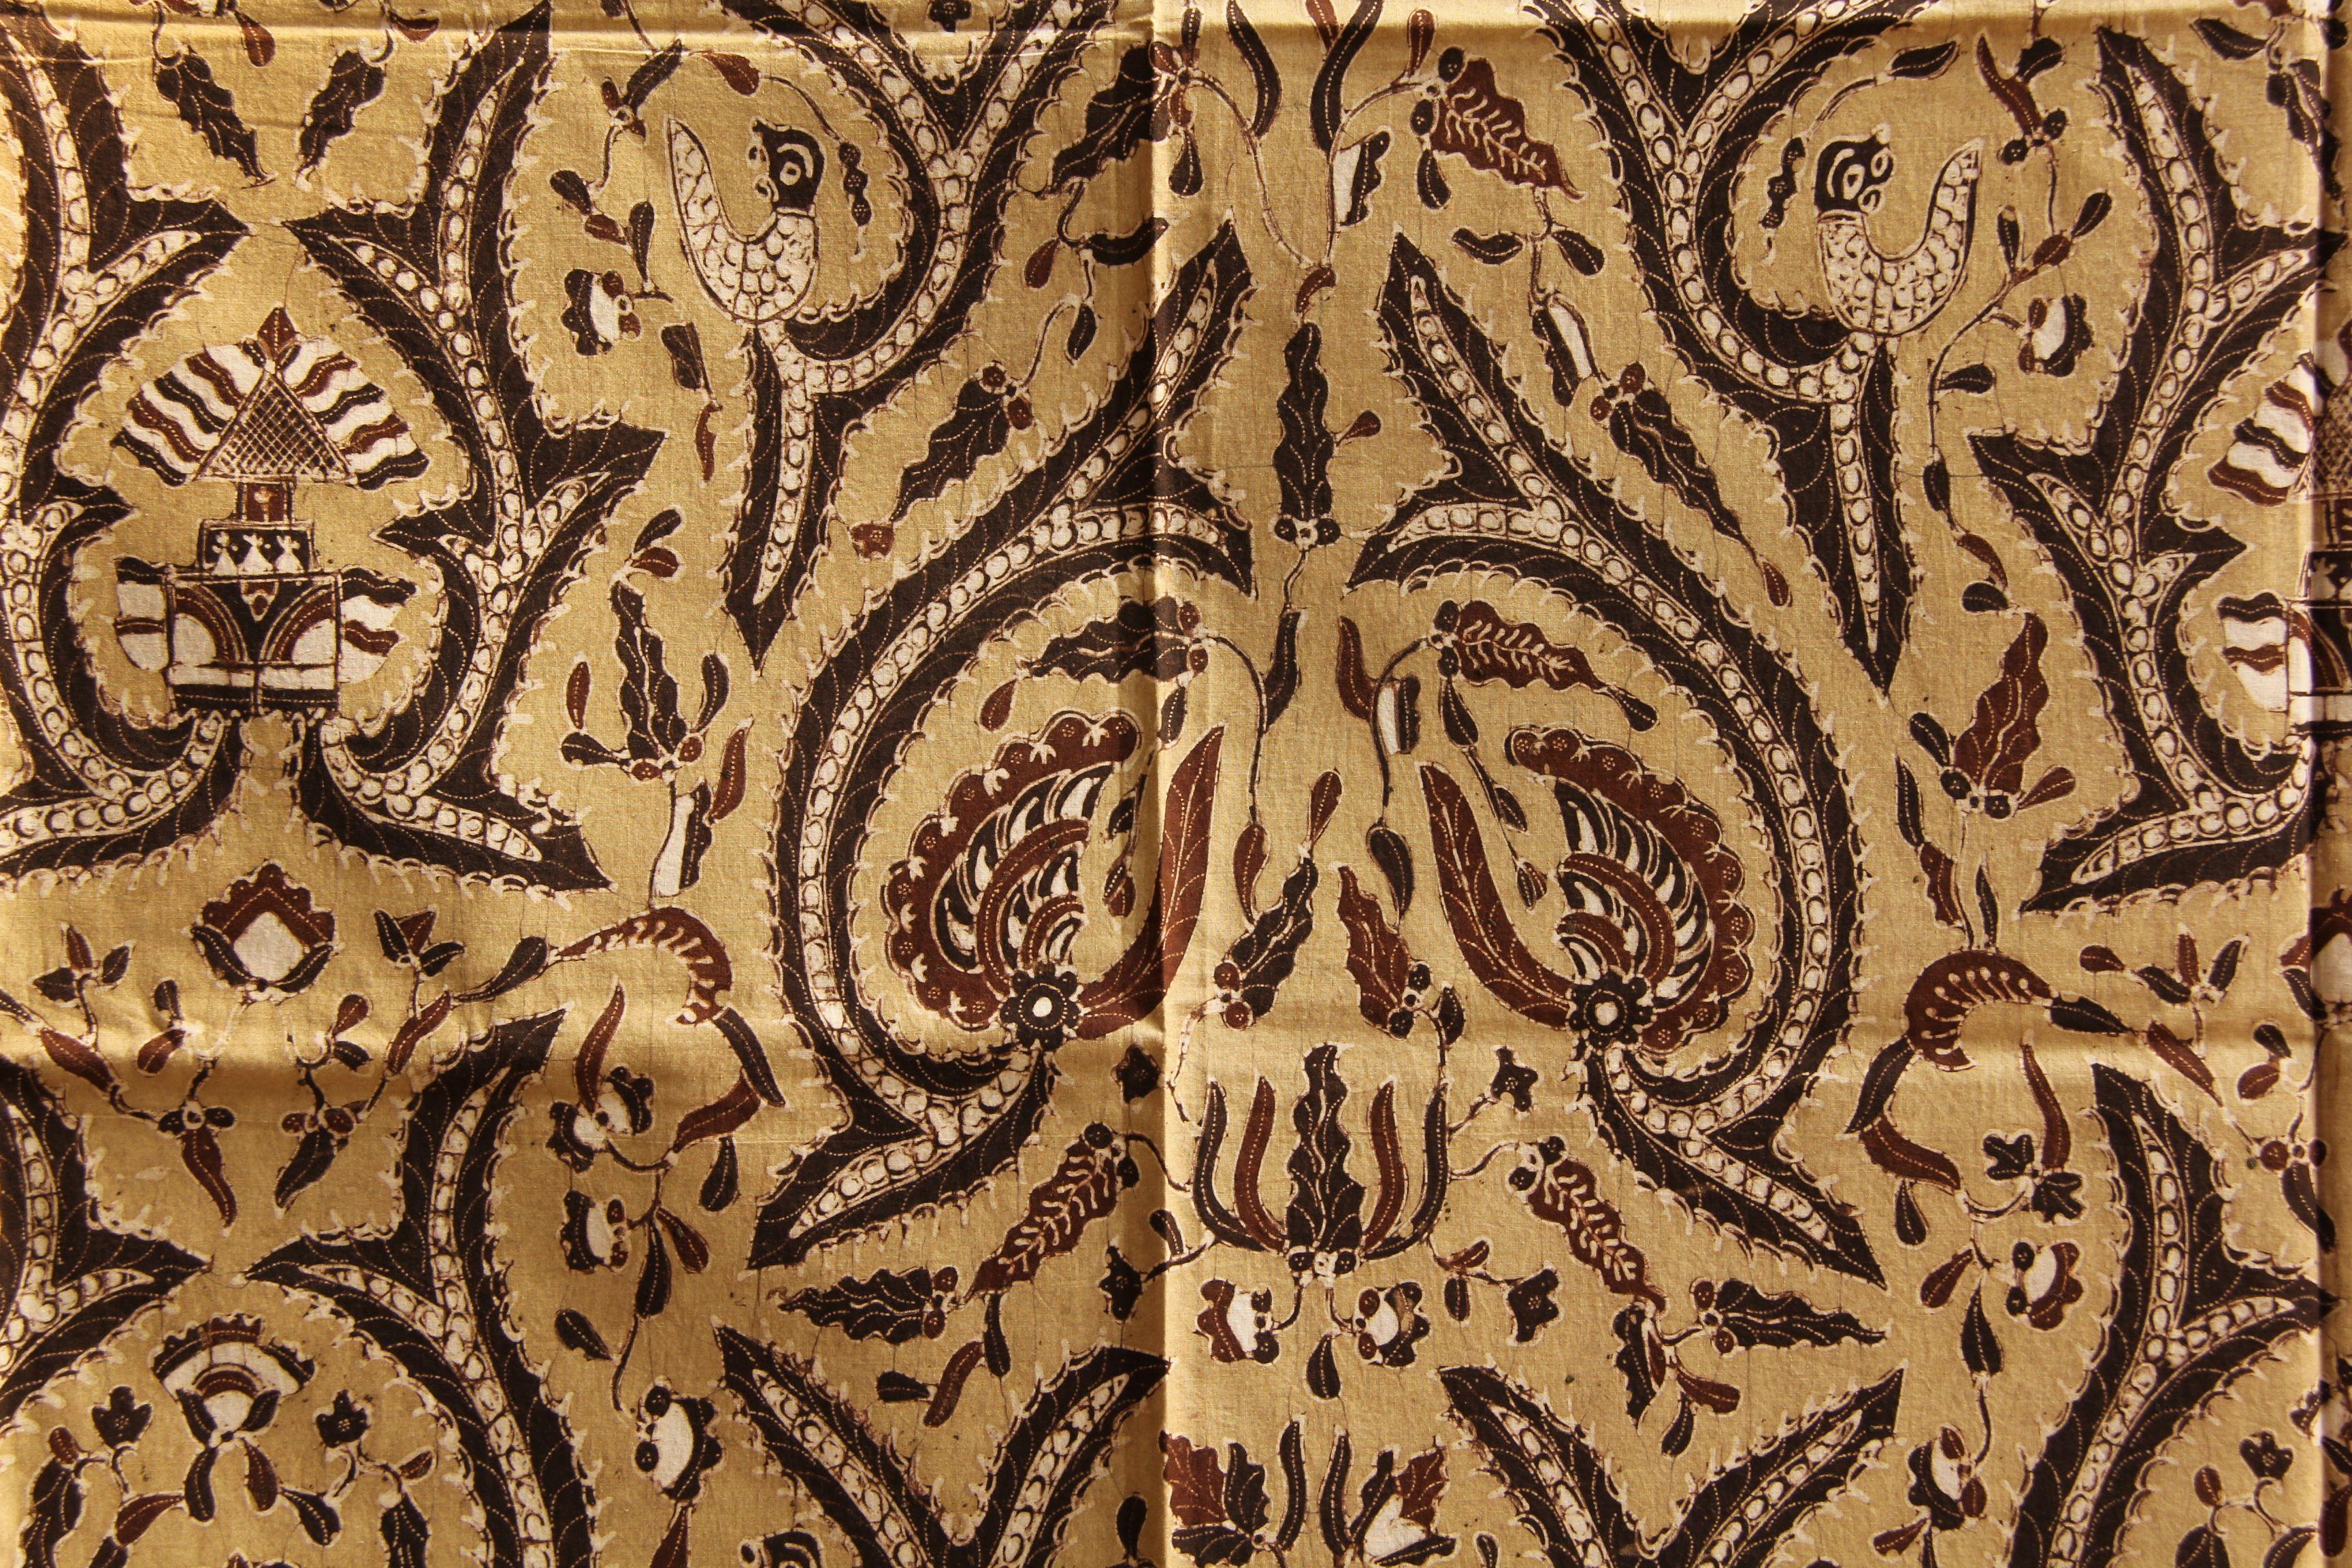 Batik Lawet Kebumen Batik Indonesian Art Textiles Dan Drawings